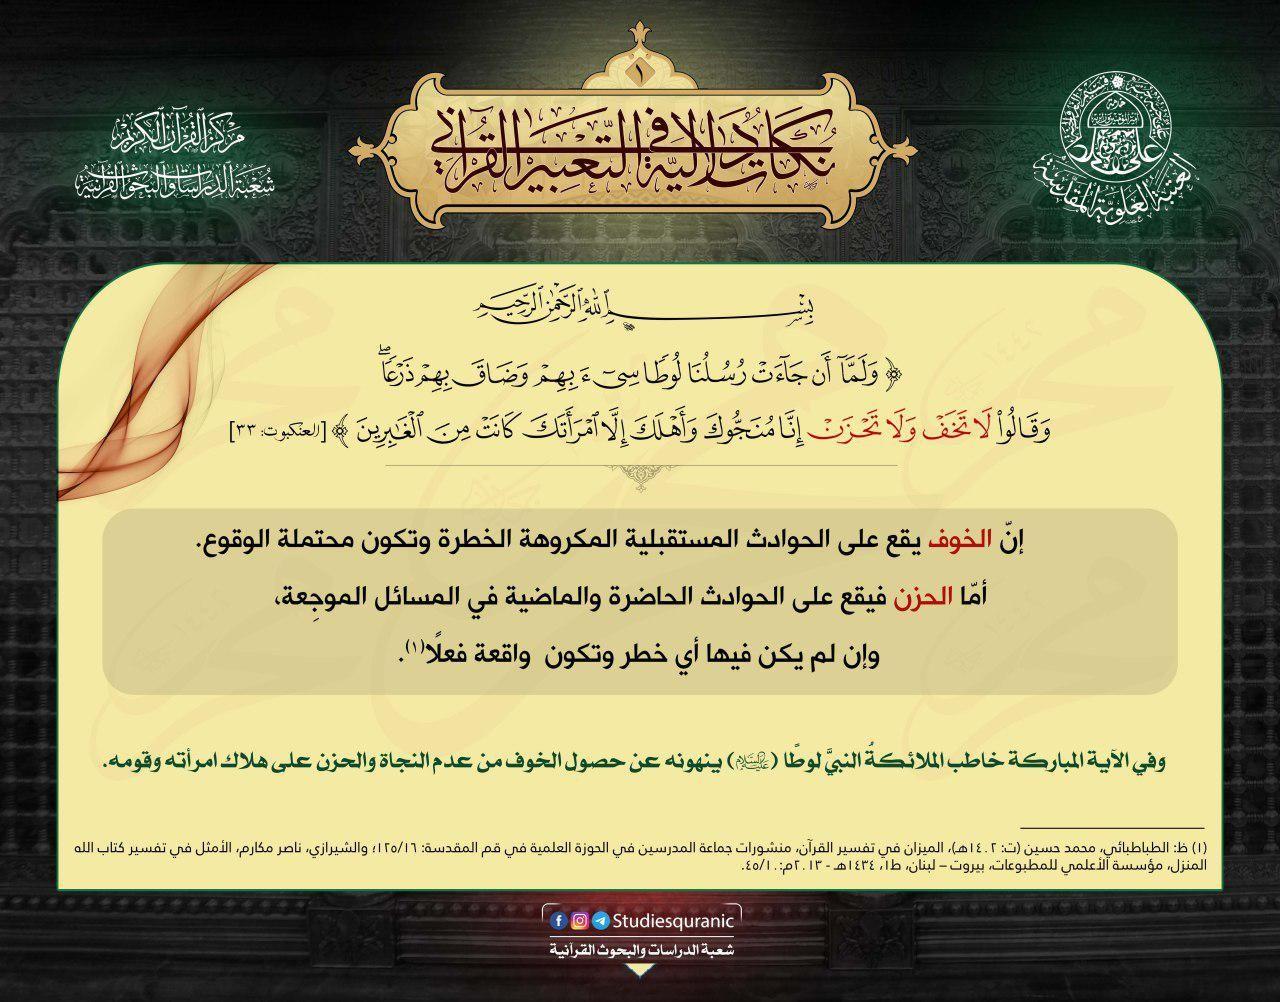 نكات دلالية في التعبير القرآني Movie Posters Poster Movies